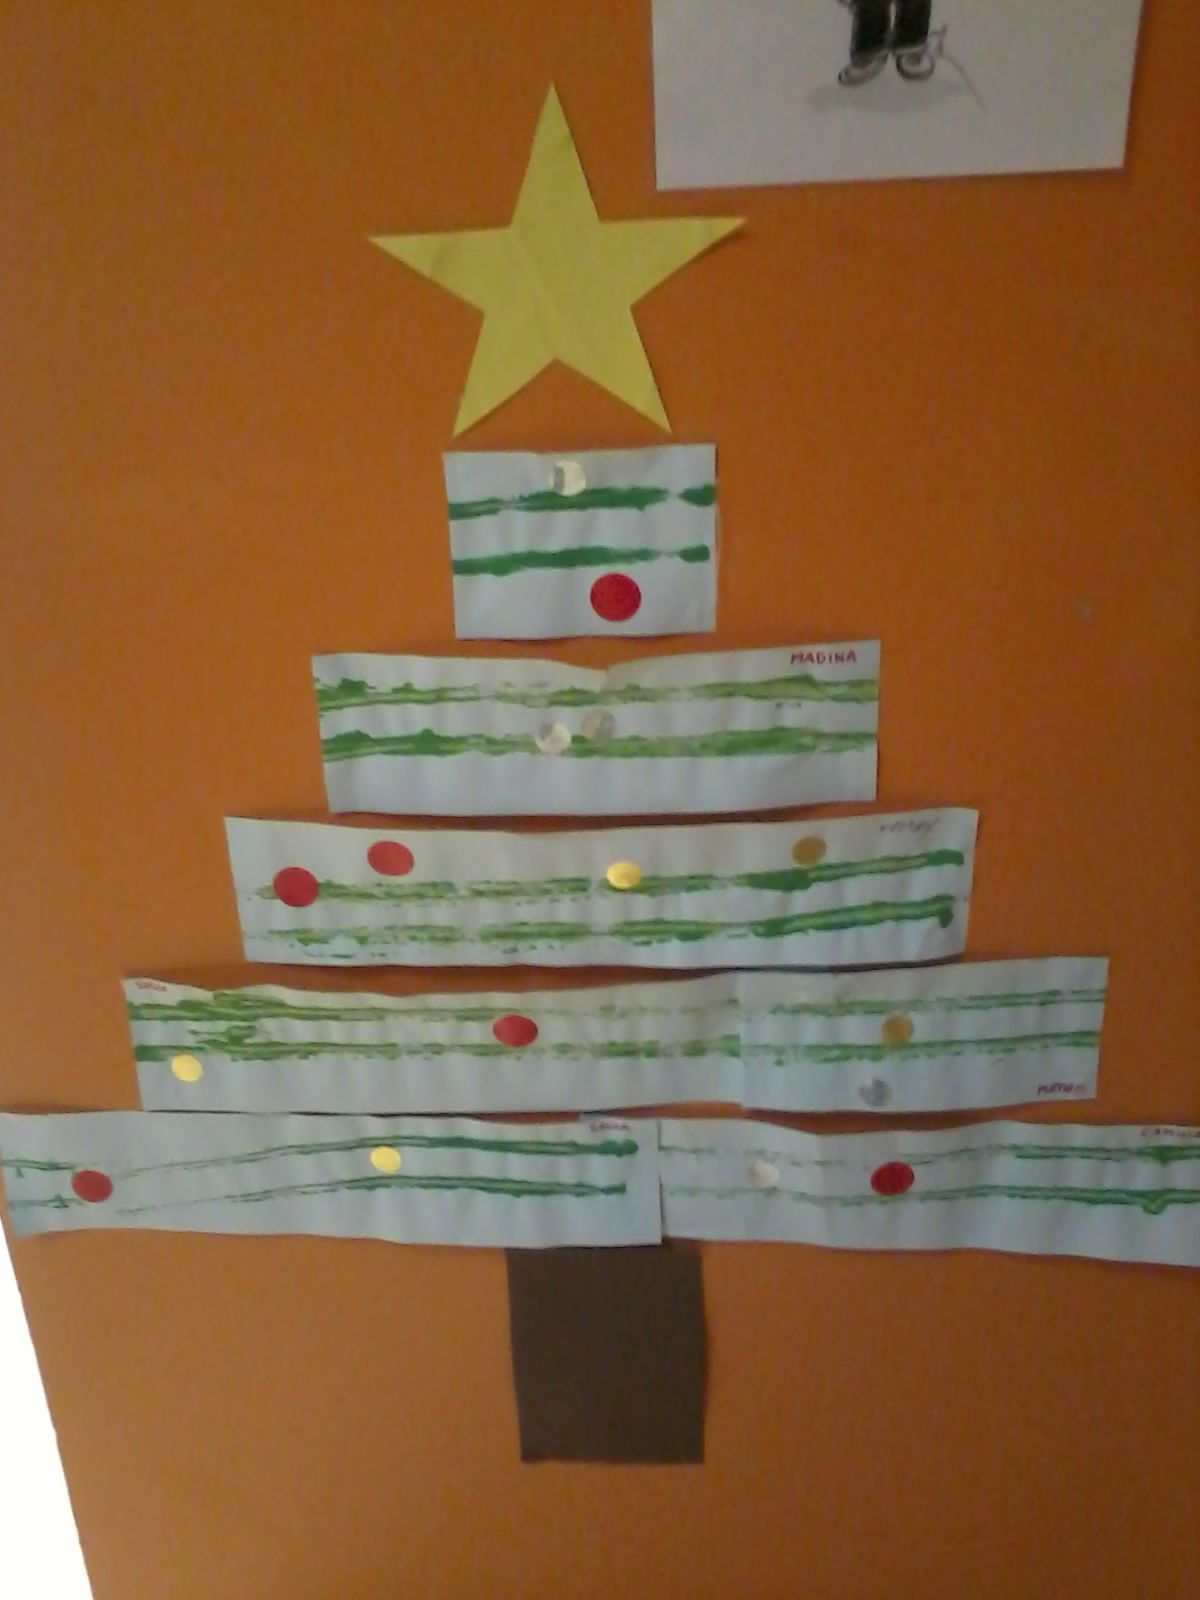 #814617 Pin It Like Image 6075 décoration de noel tps/ps 1200x1600 px @ aertt.com